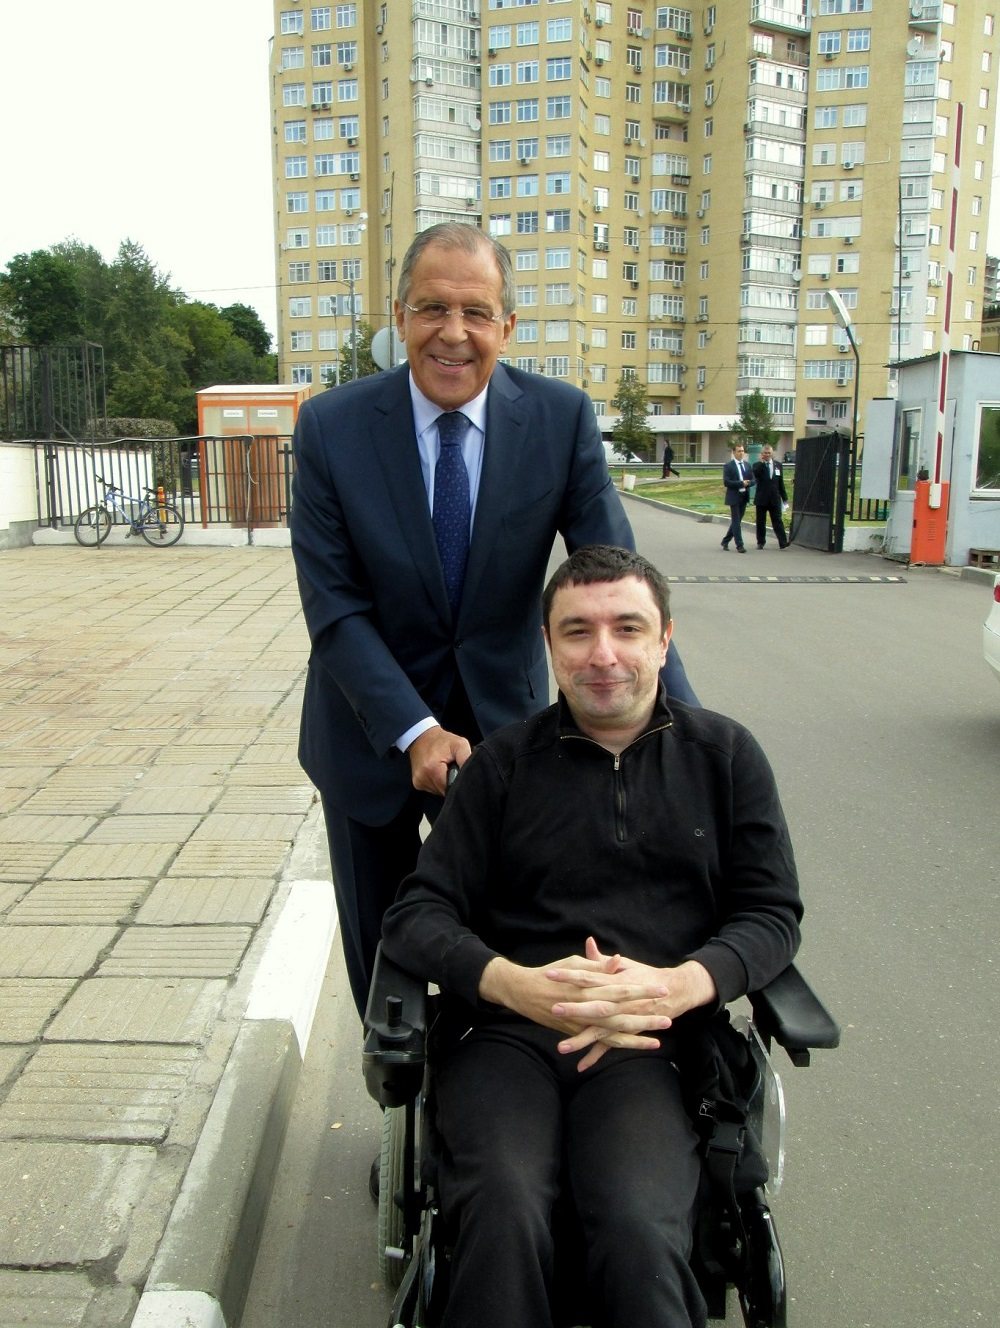 Бошко са Сергејем Лавровом. Фото из личне архиве.